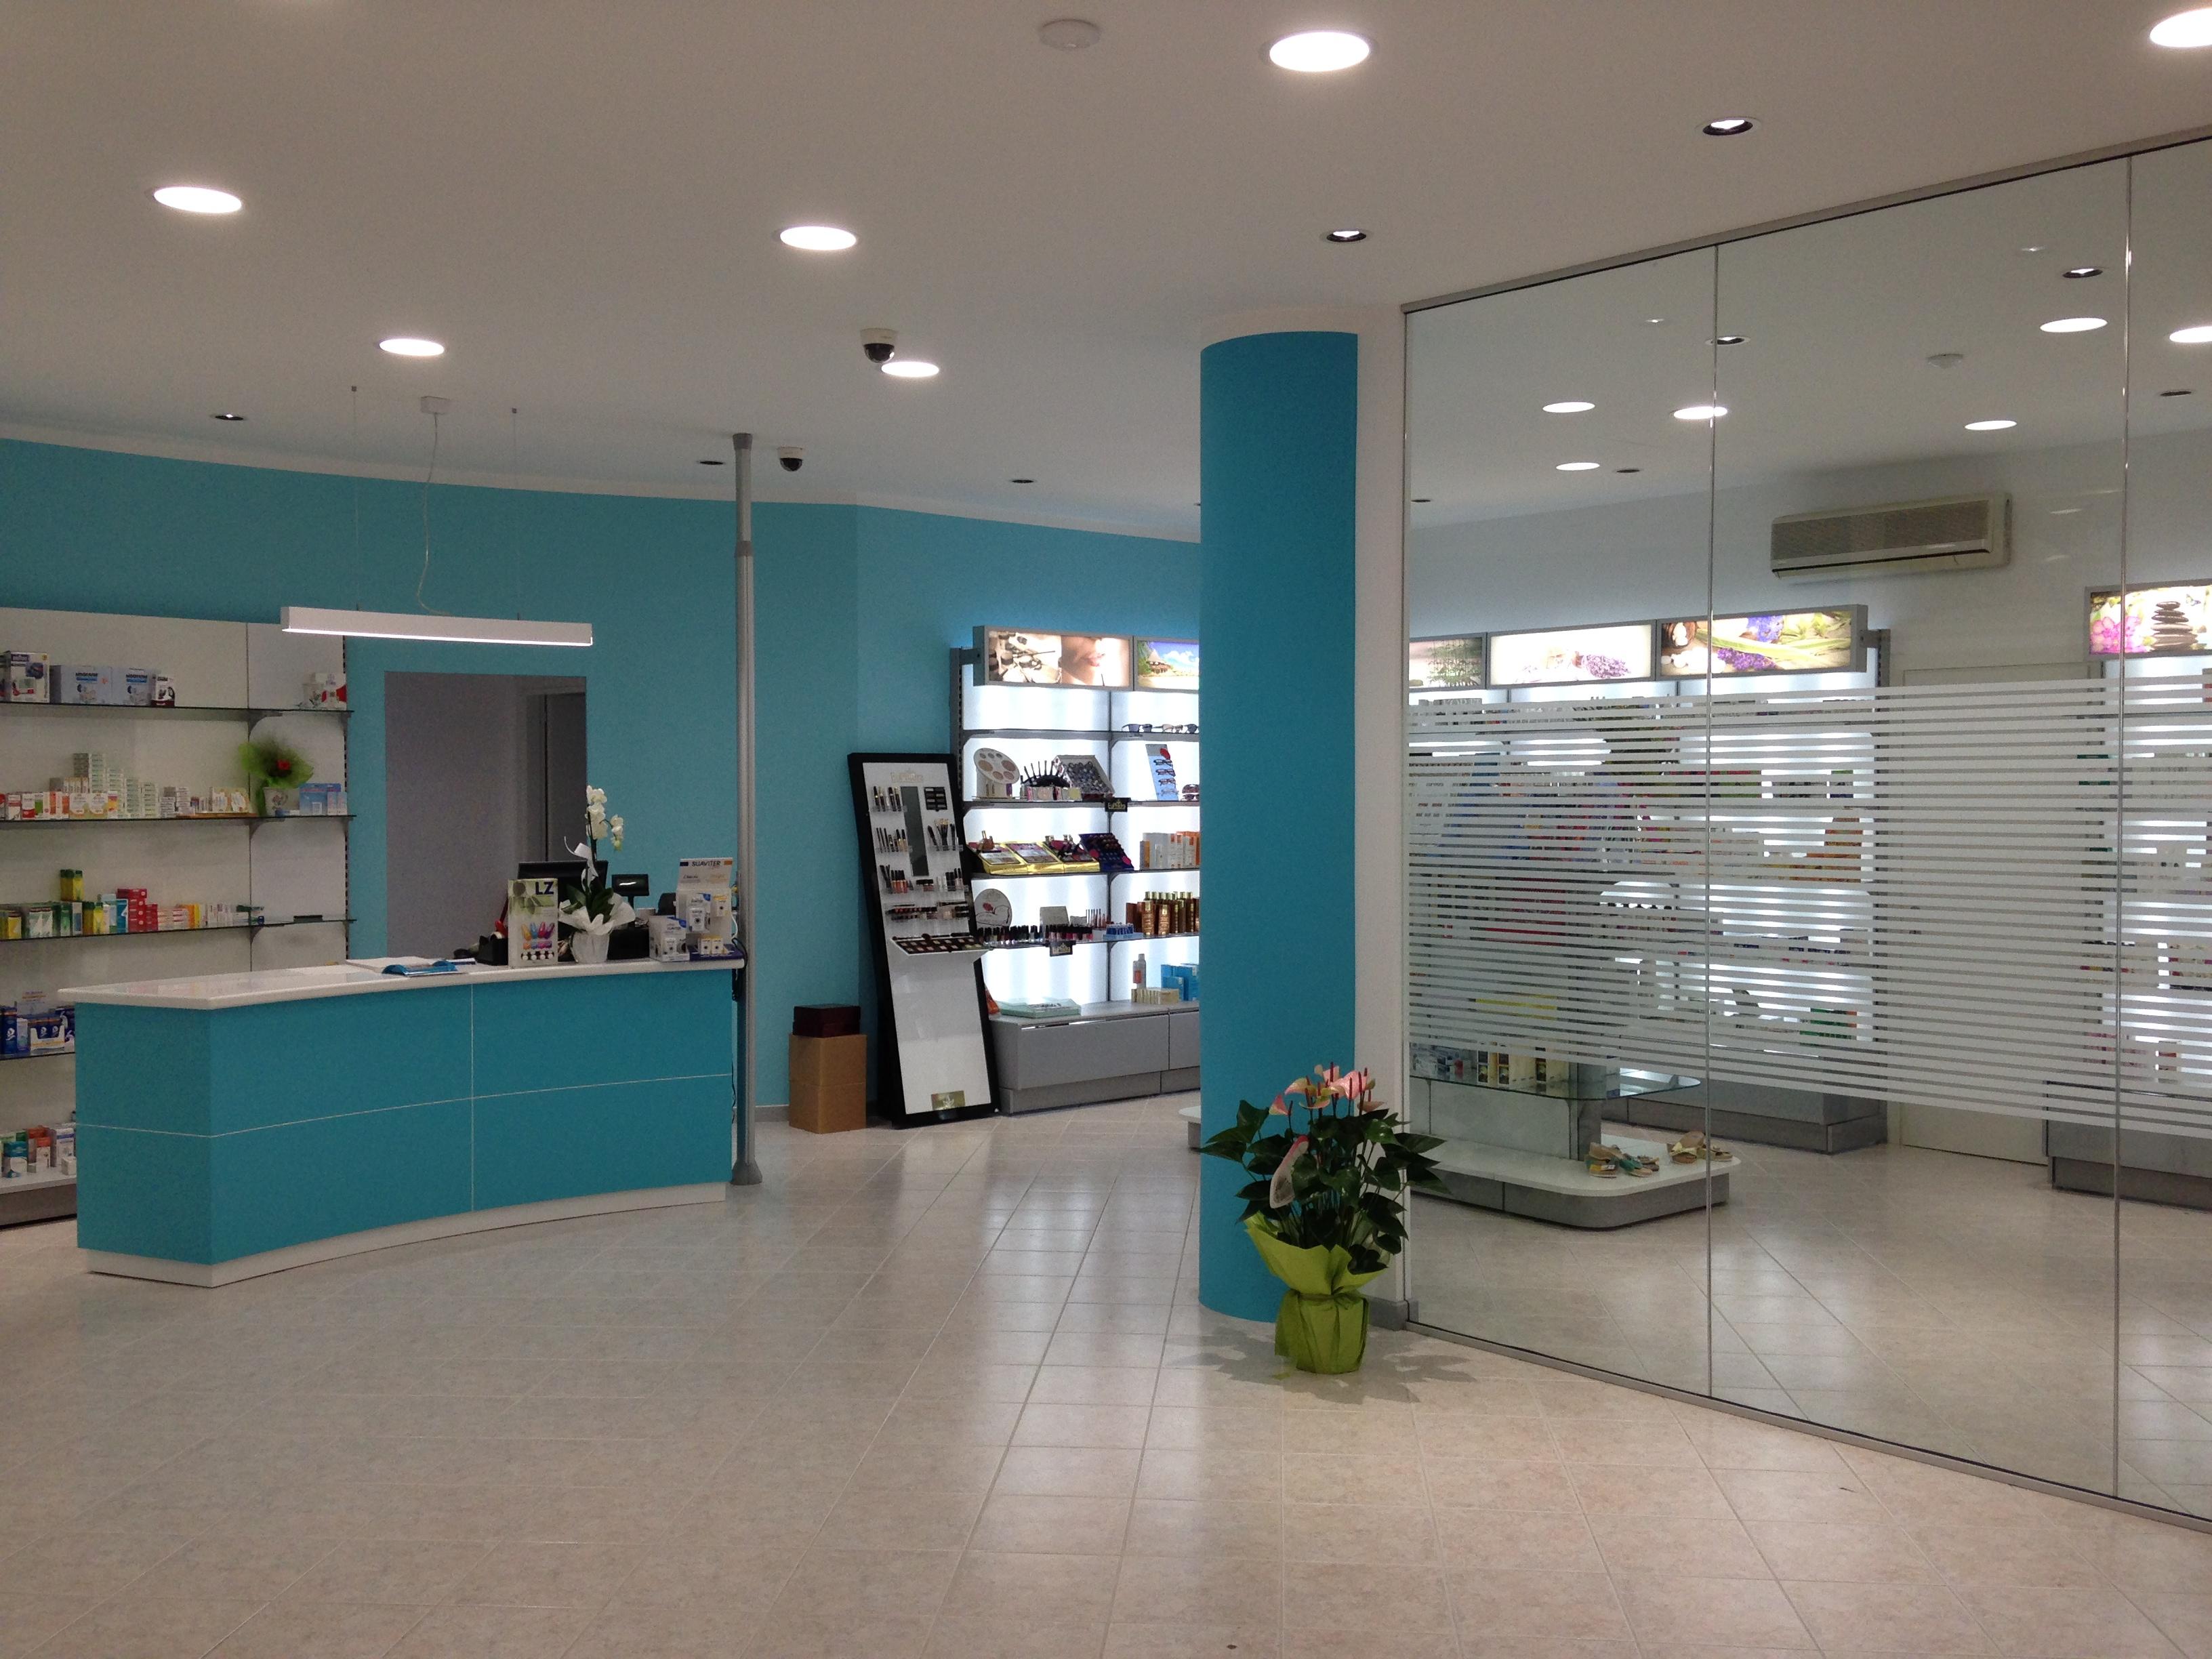 REALIZZAZIONE FARMACIA Banco vendita e parete attrezzata divisoria - Riganelli Arredamenti